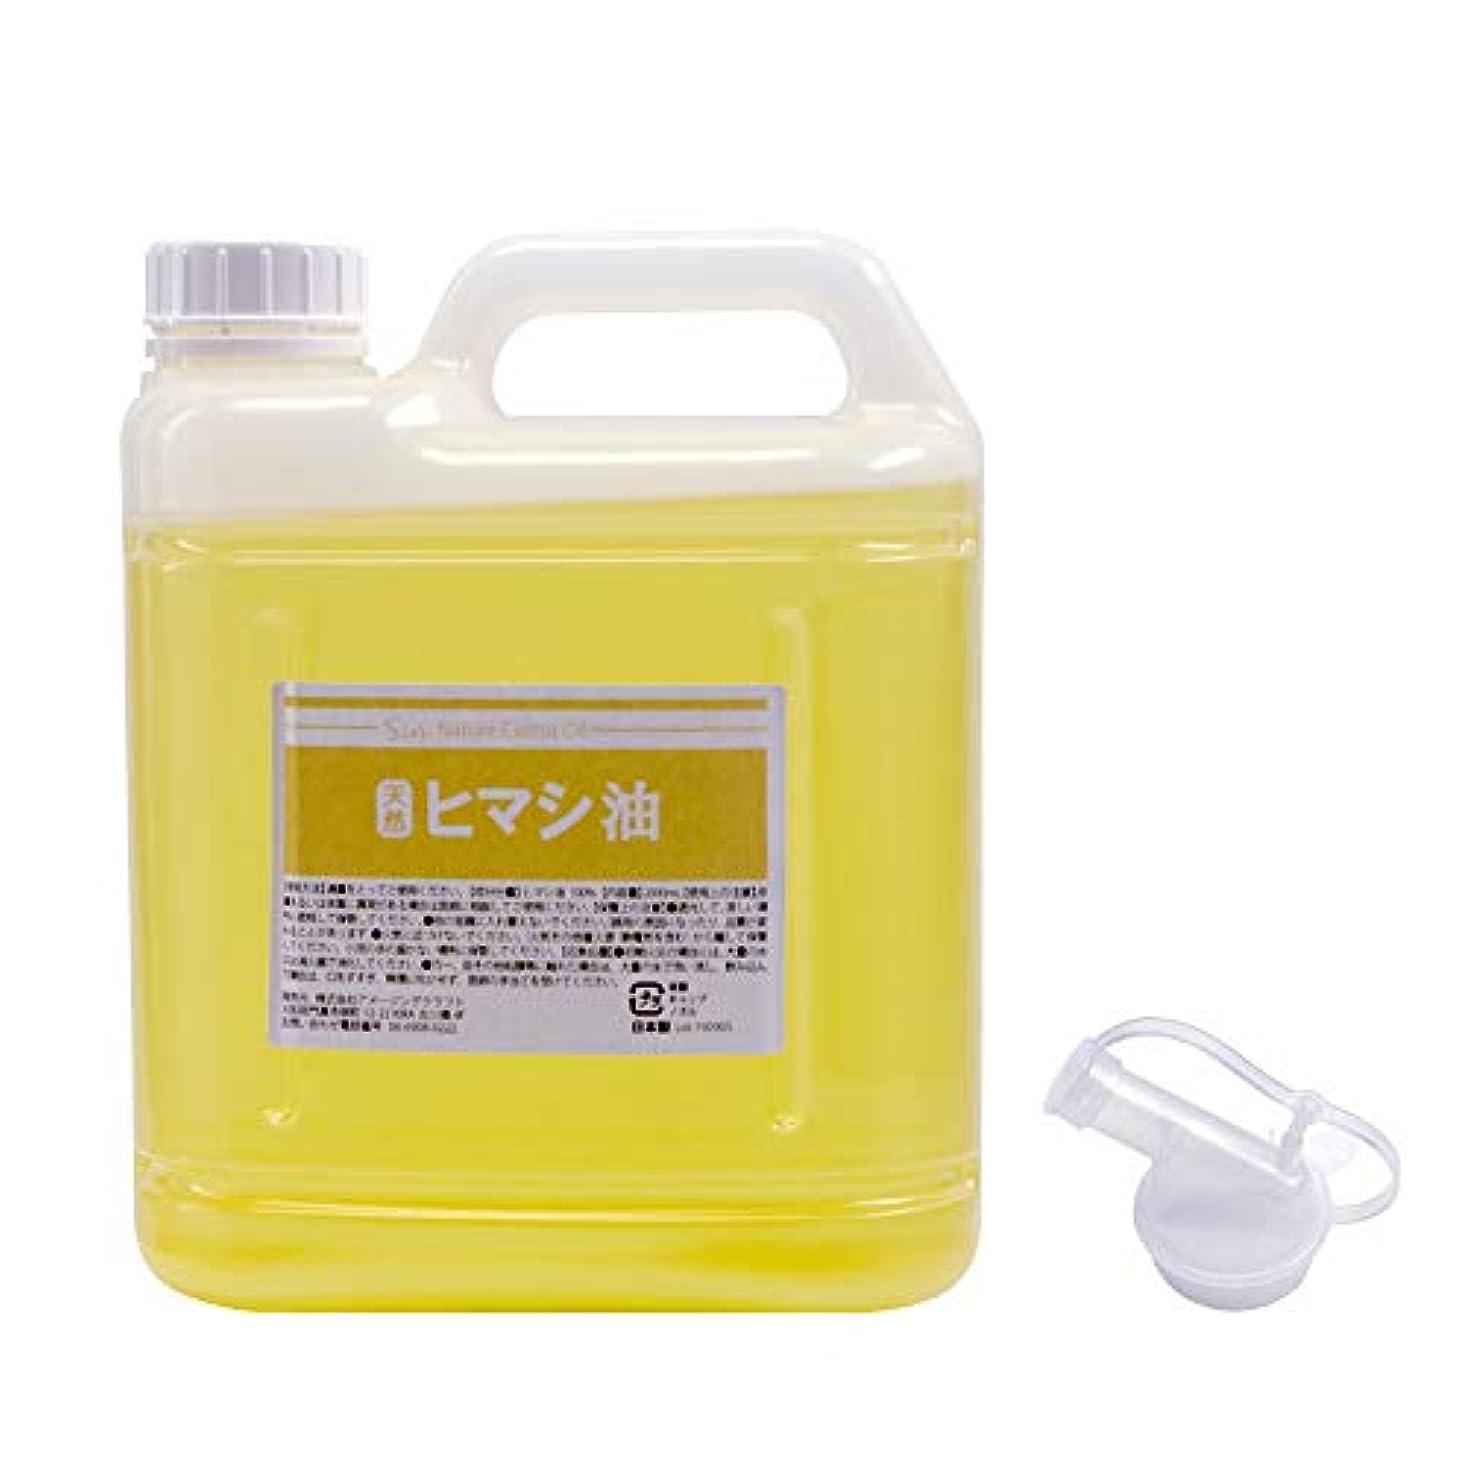 認めるシャッフル実験をする天然無添加 国内精製ひまし油 (キャスターオイル) 2000ml 2L